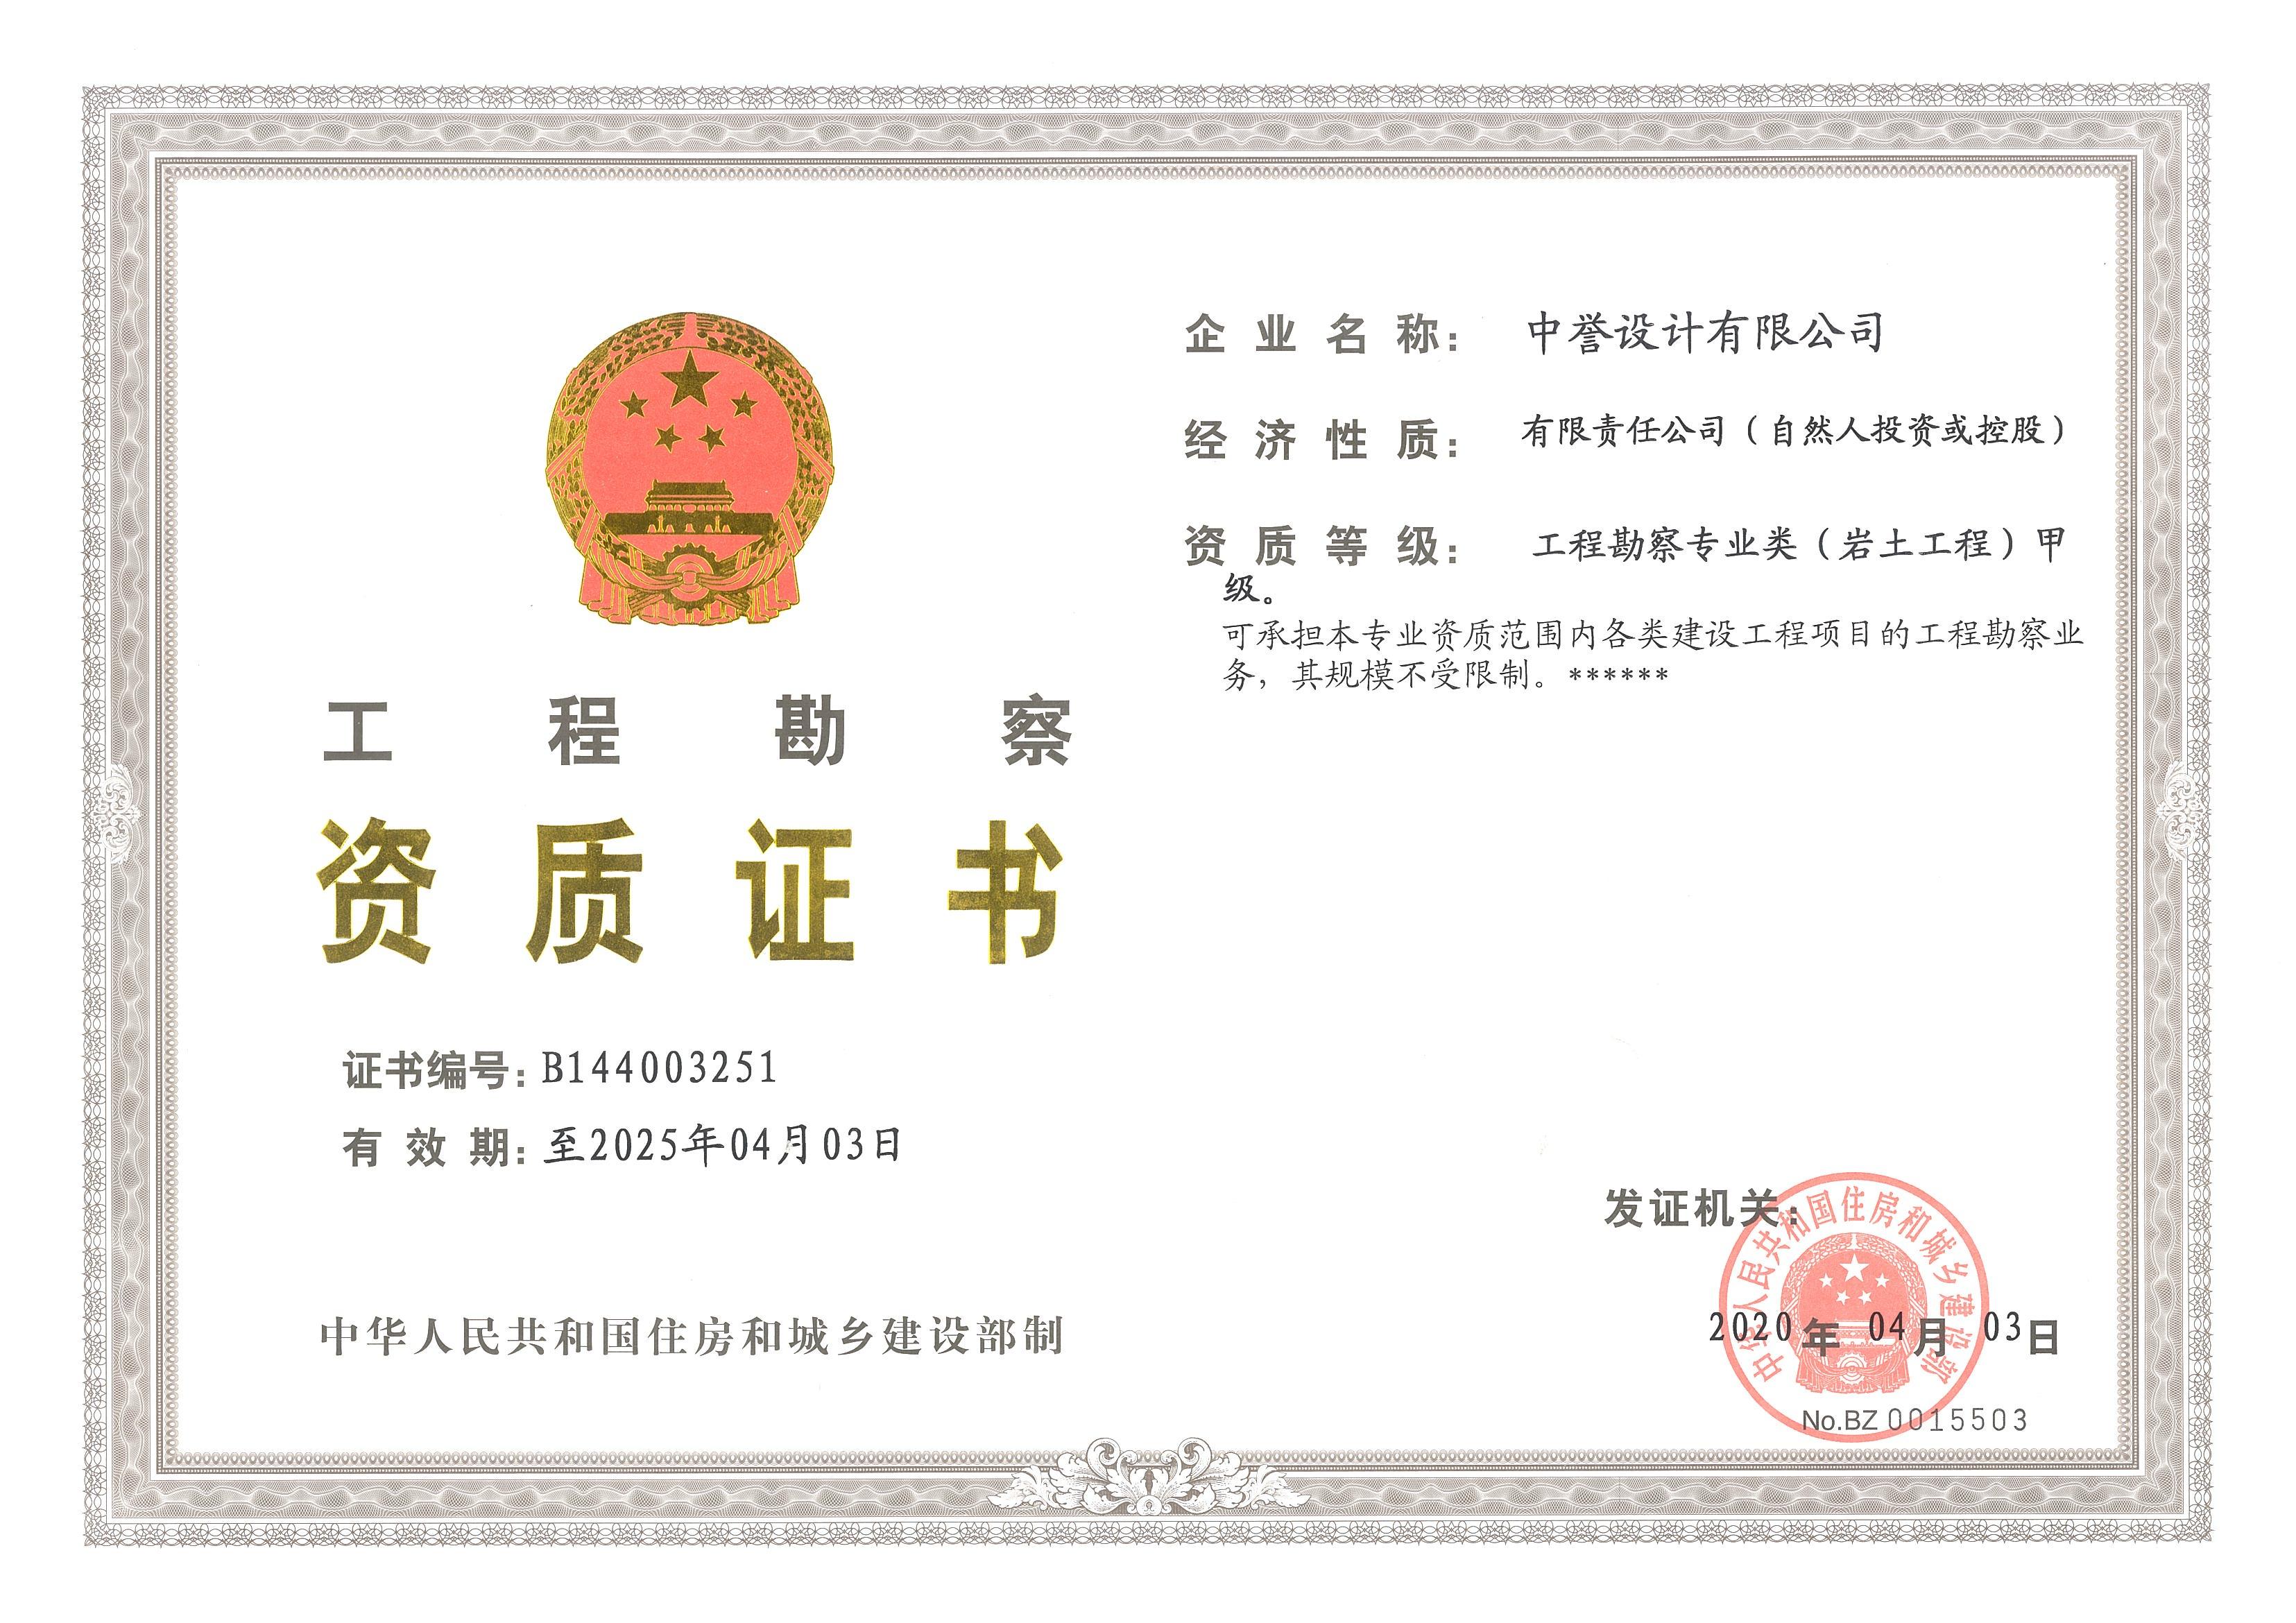 工程勘察专业类甲级证书